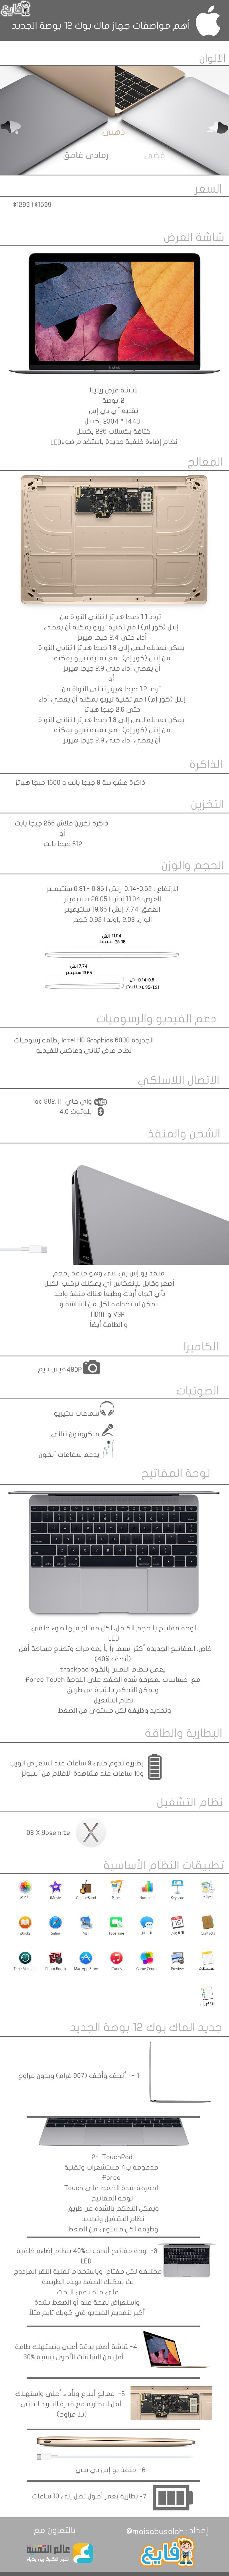 #انفوجرافيك أهم مواصفات جهاز ماك بوك 12 بوصة الجديد